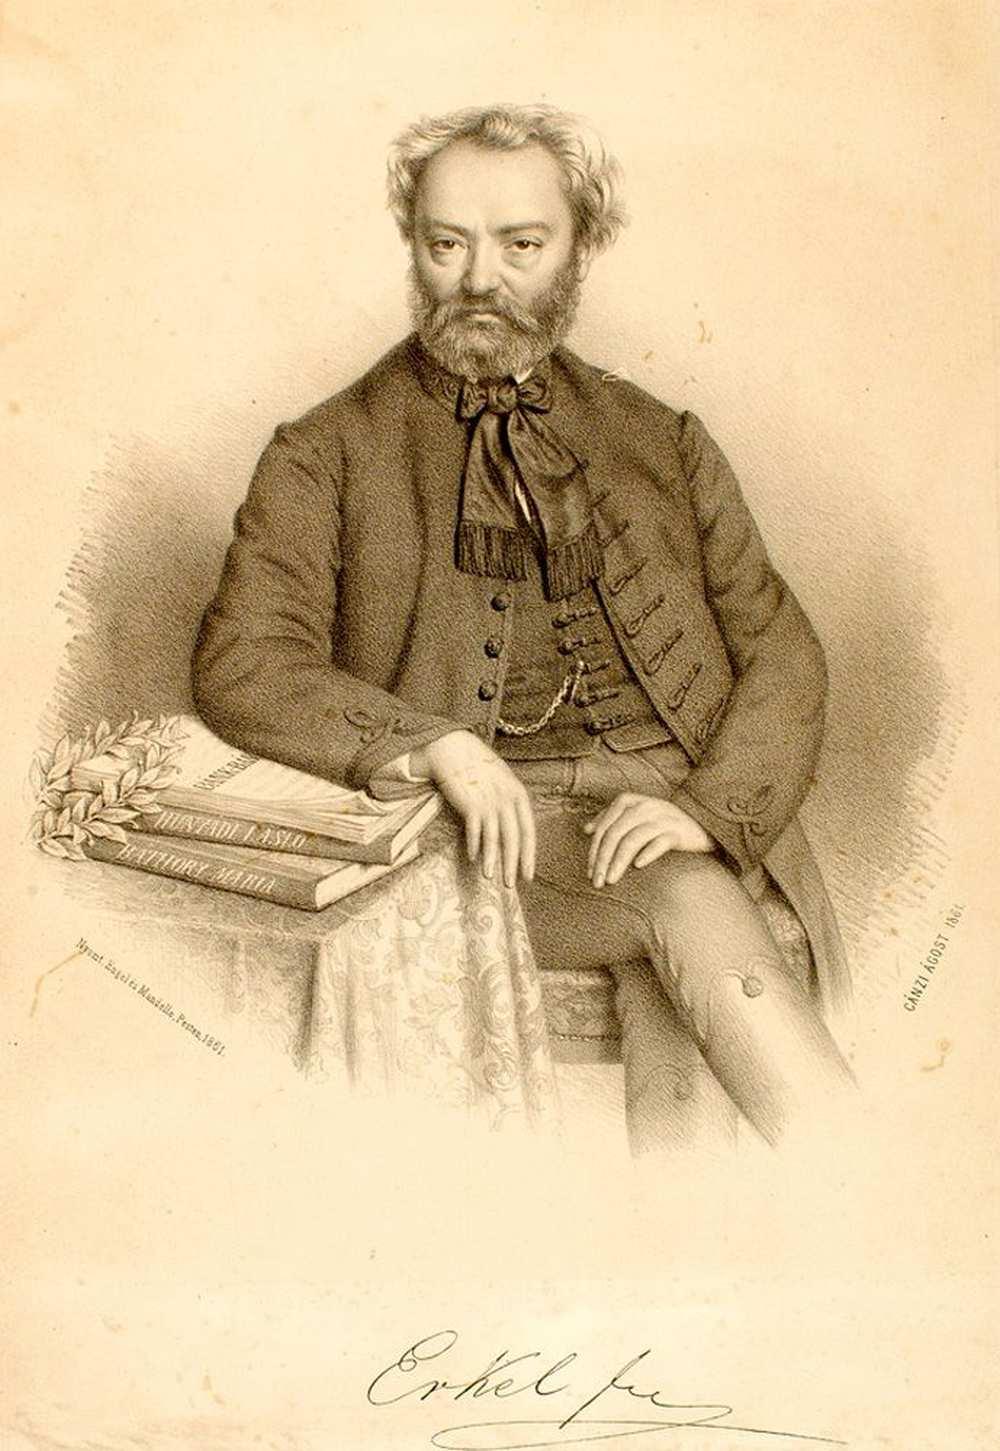 Erkel Ferenc. Kőnyomat. Készítette Canzi Ágoston. Nyomtatta Engel Mór és Mandello Frigyes. Pest, 1861 ‒ Színháztörténeti és Zeneműtár